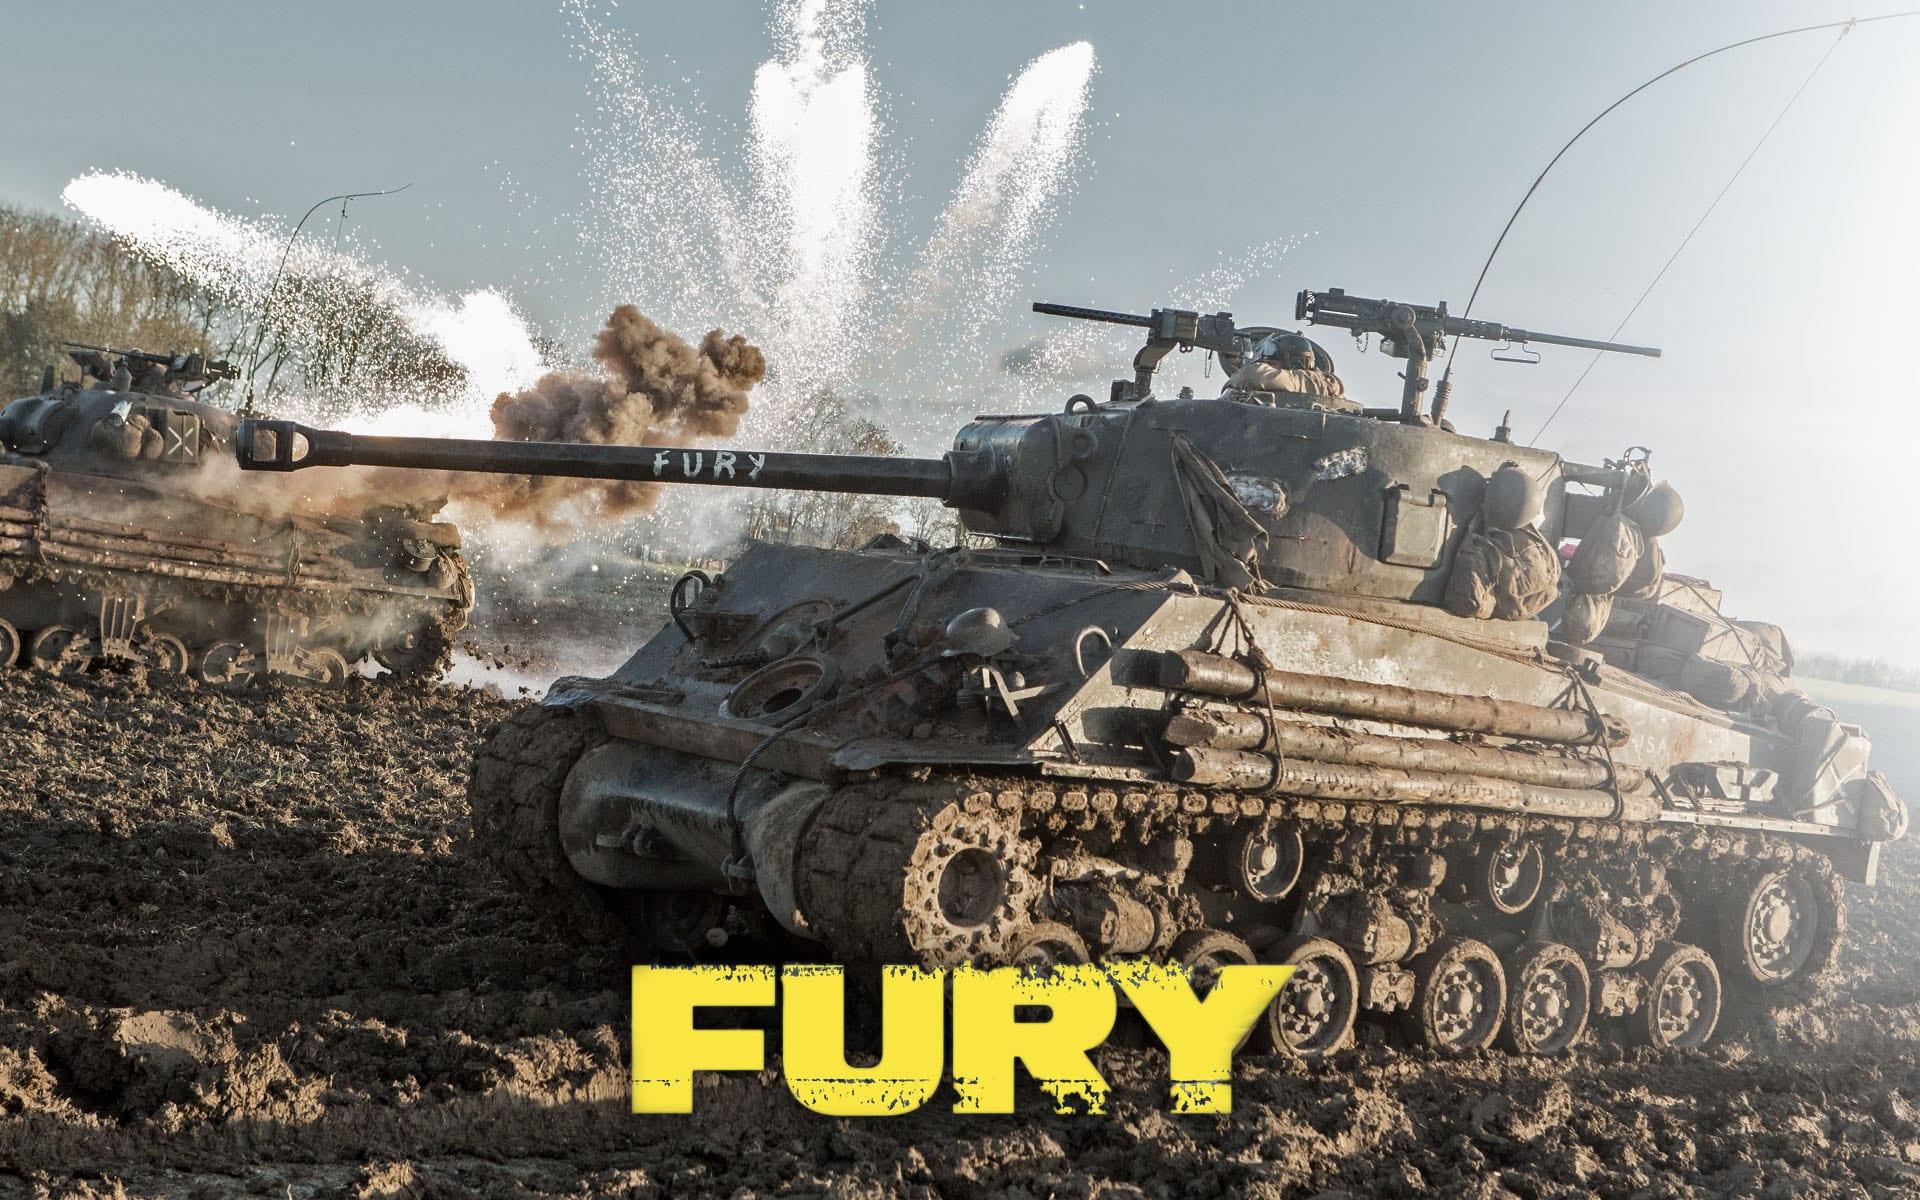 Fury HD pics